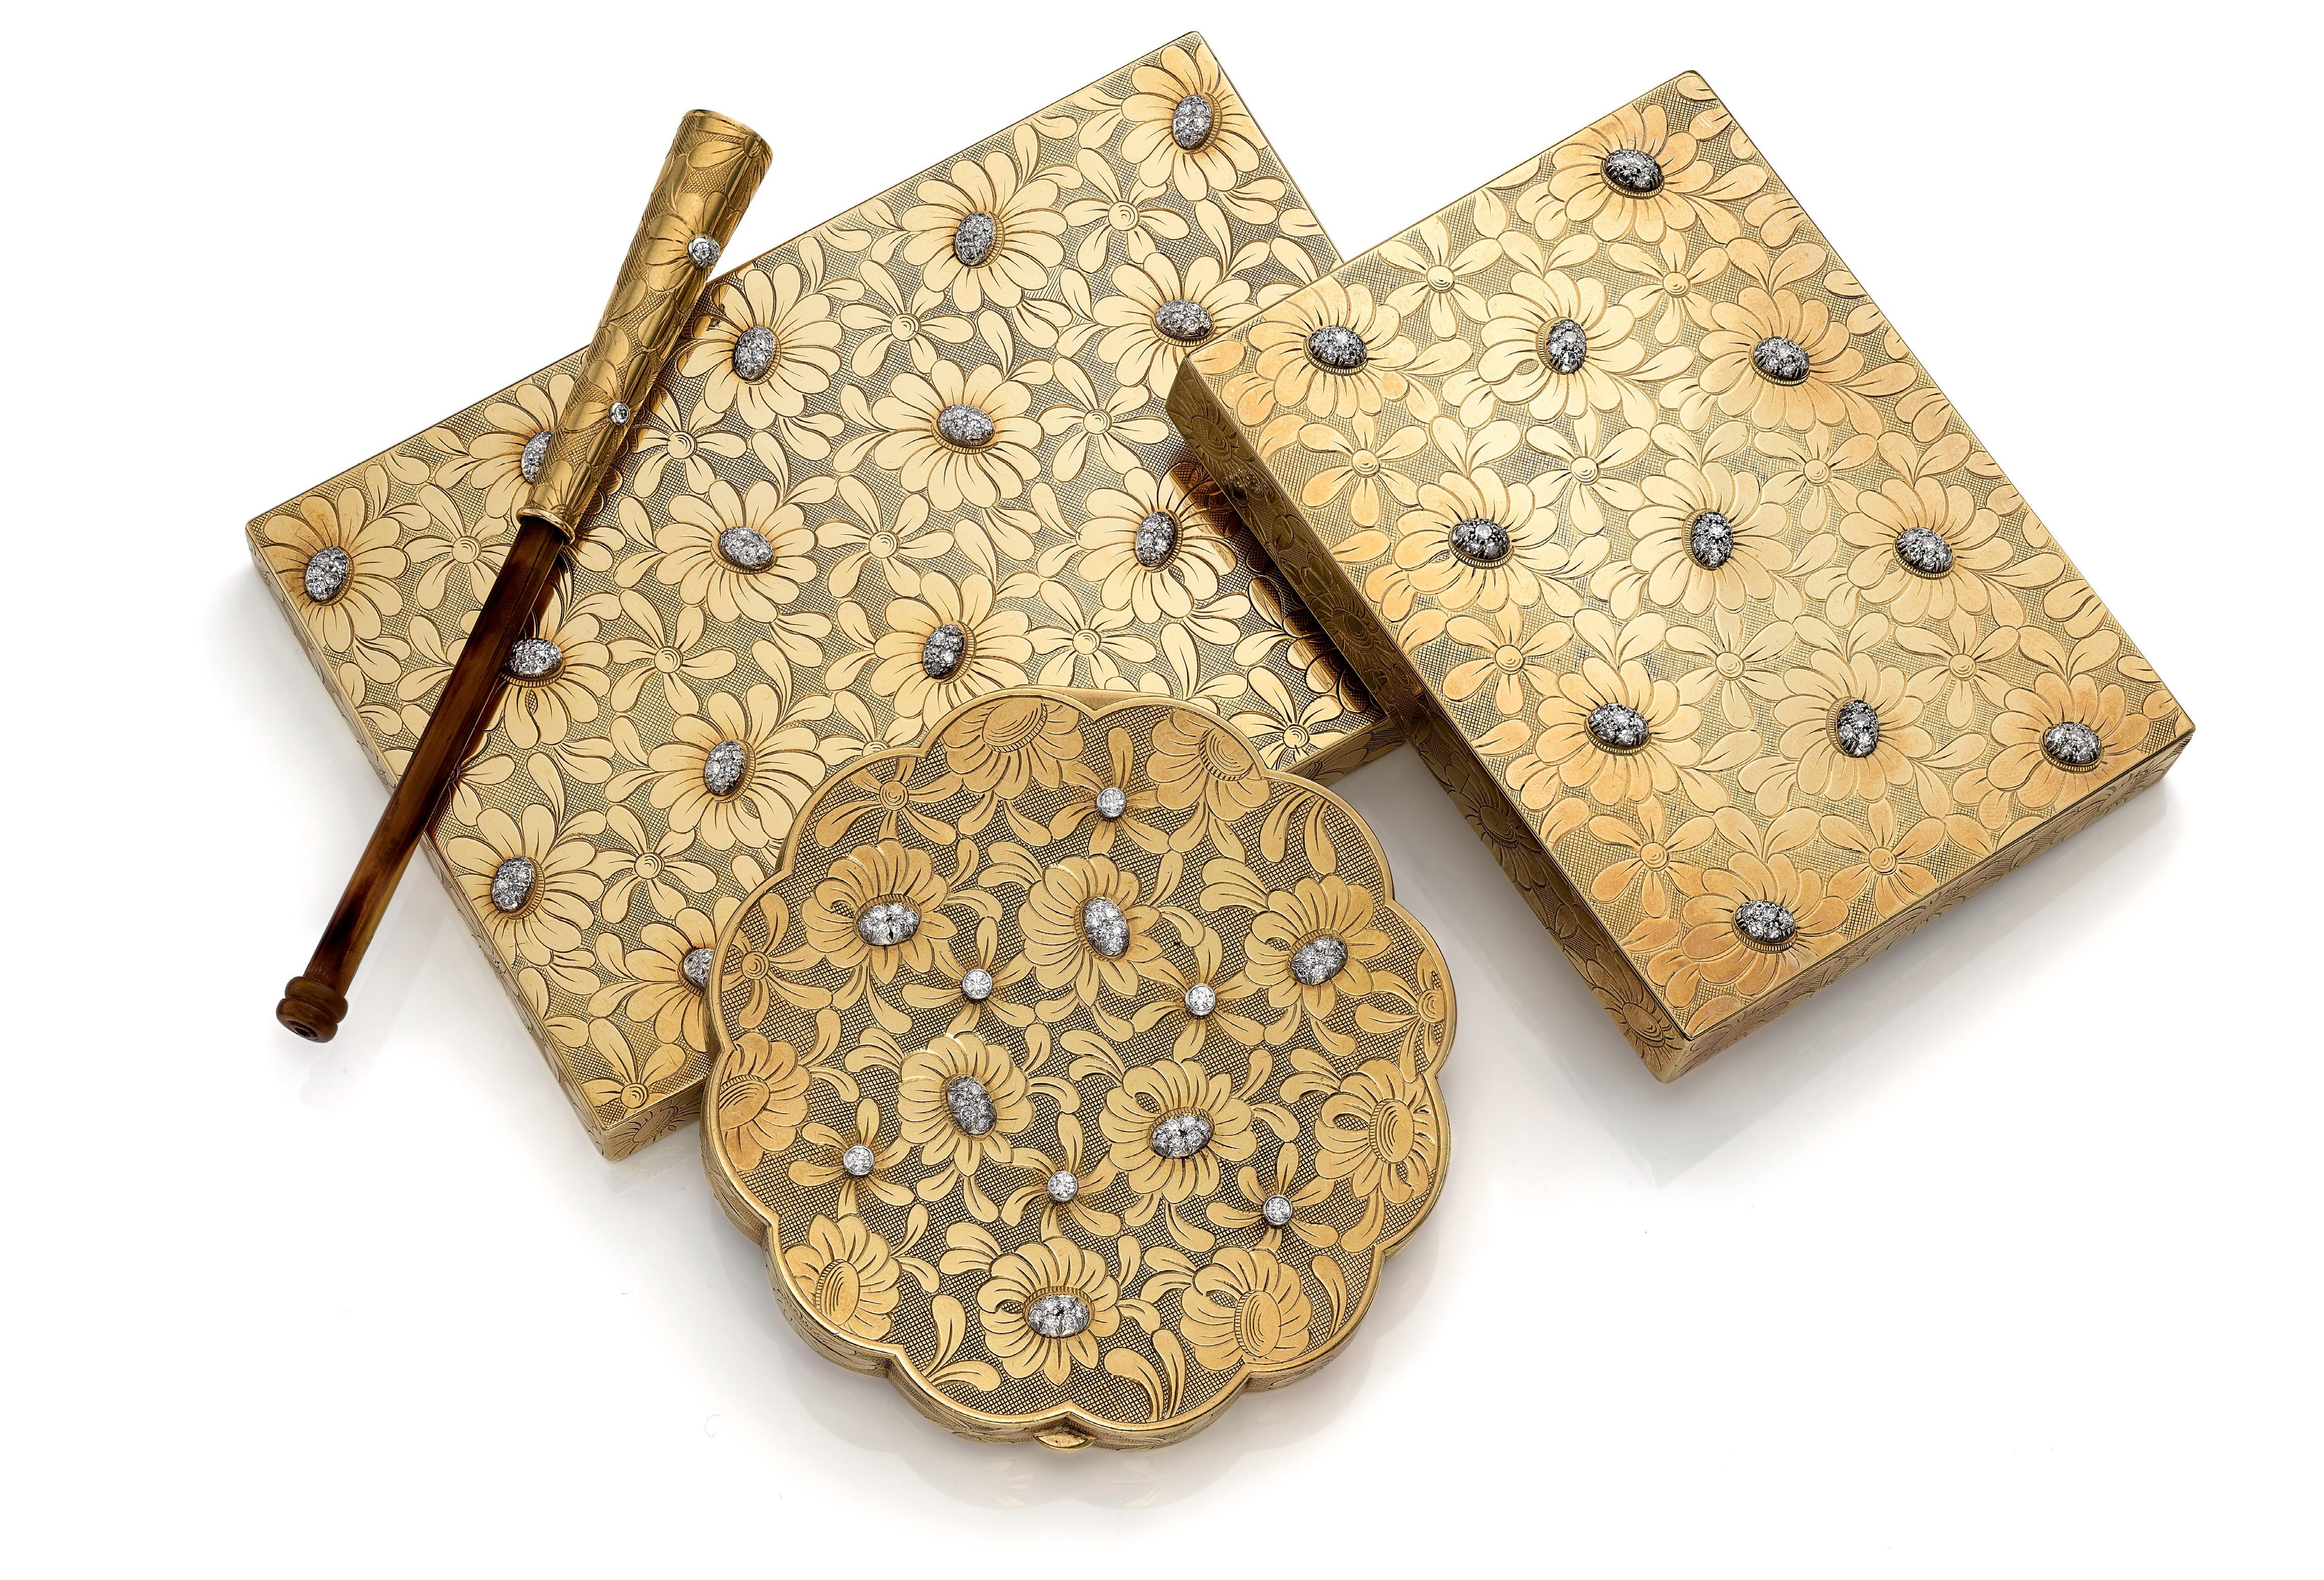 Nécessaire du soir en or et diamants, à motif de marguerites, Van Cleef & Arpels, vers 1950. Copyright : Christie's.